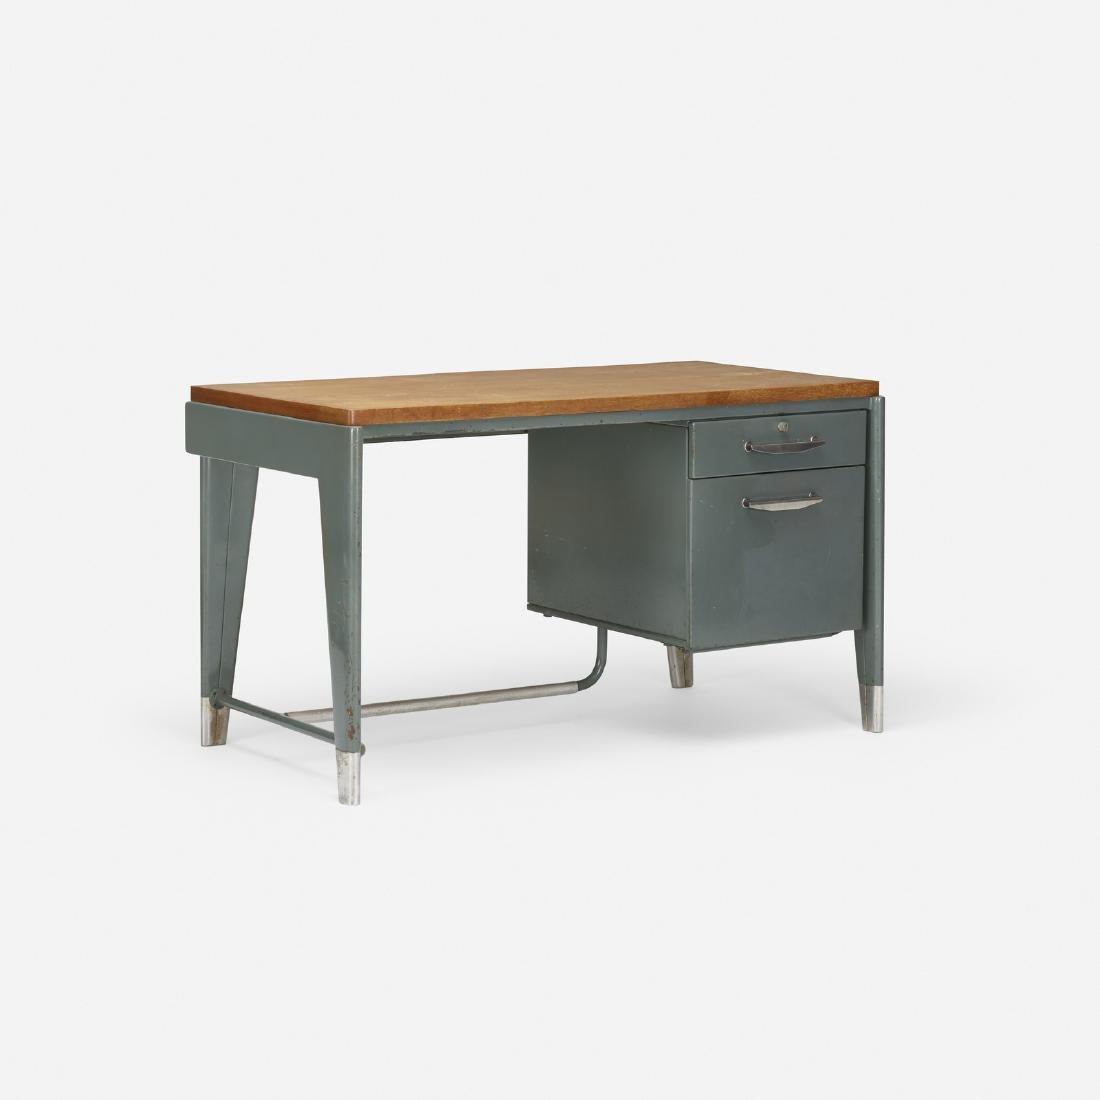 Jean Prouve, Dacytlo desk, model BDM 41